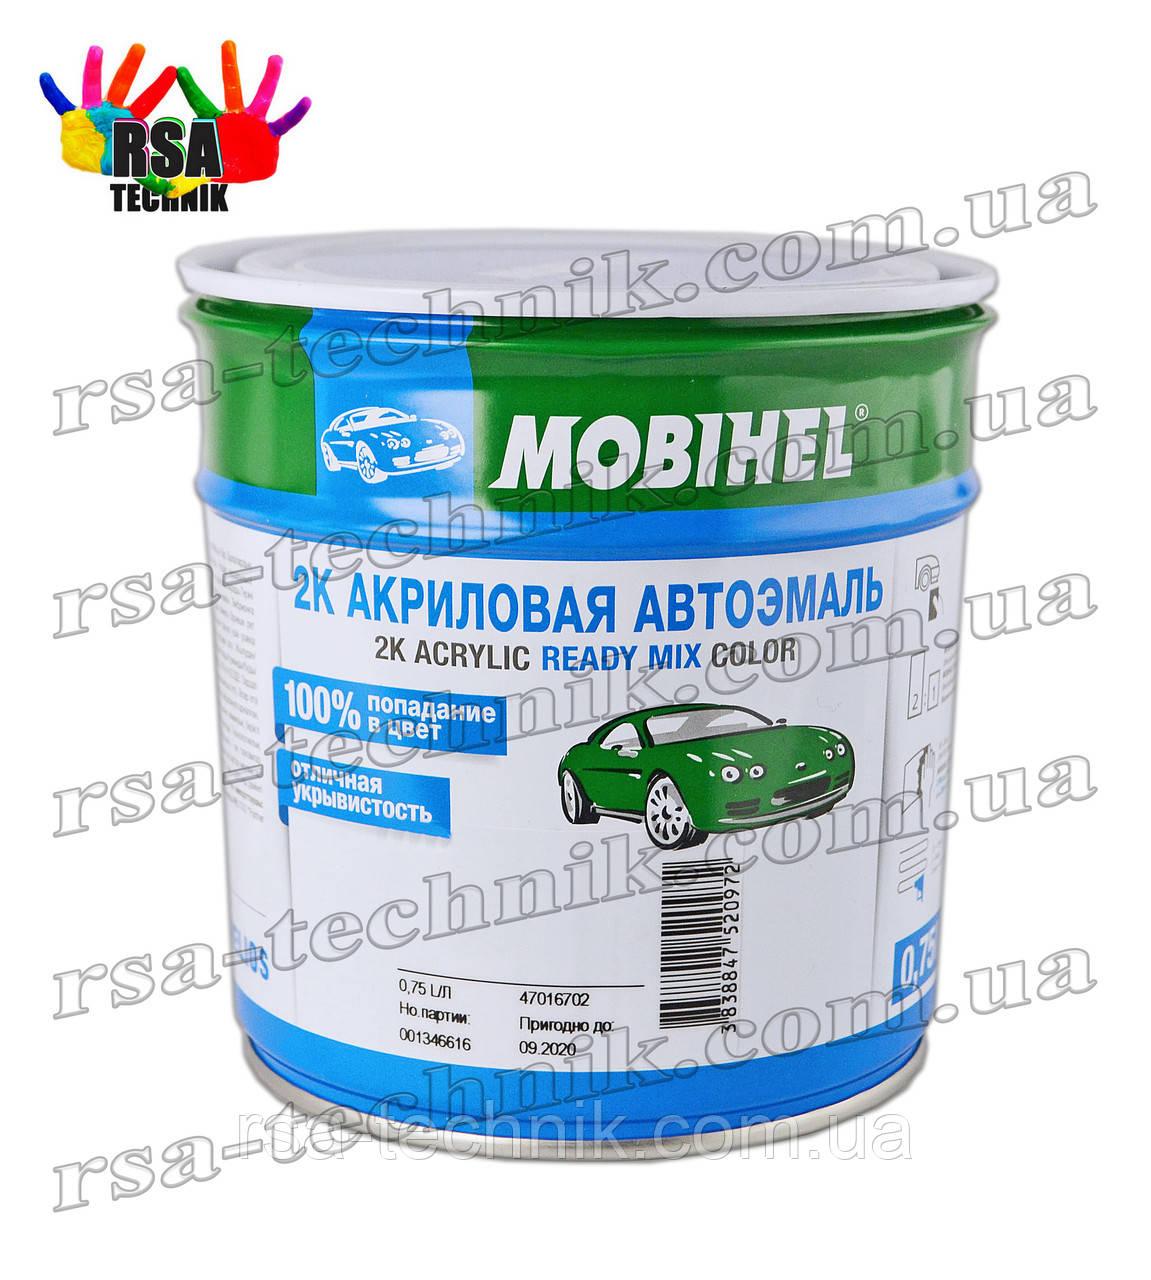 Акрилова емаль mobihel 0,75 л Сафарі